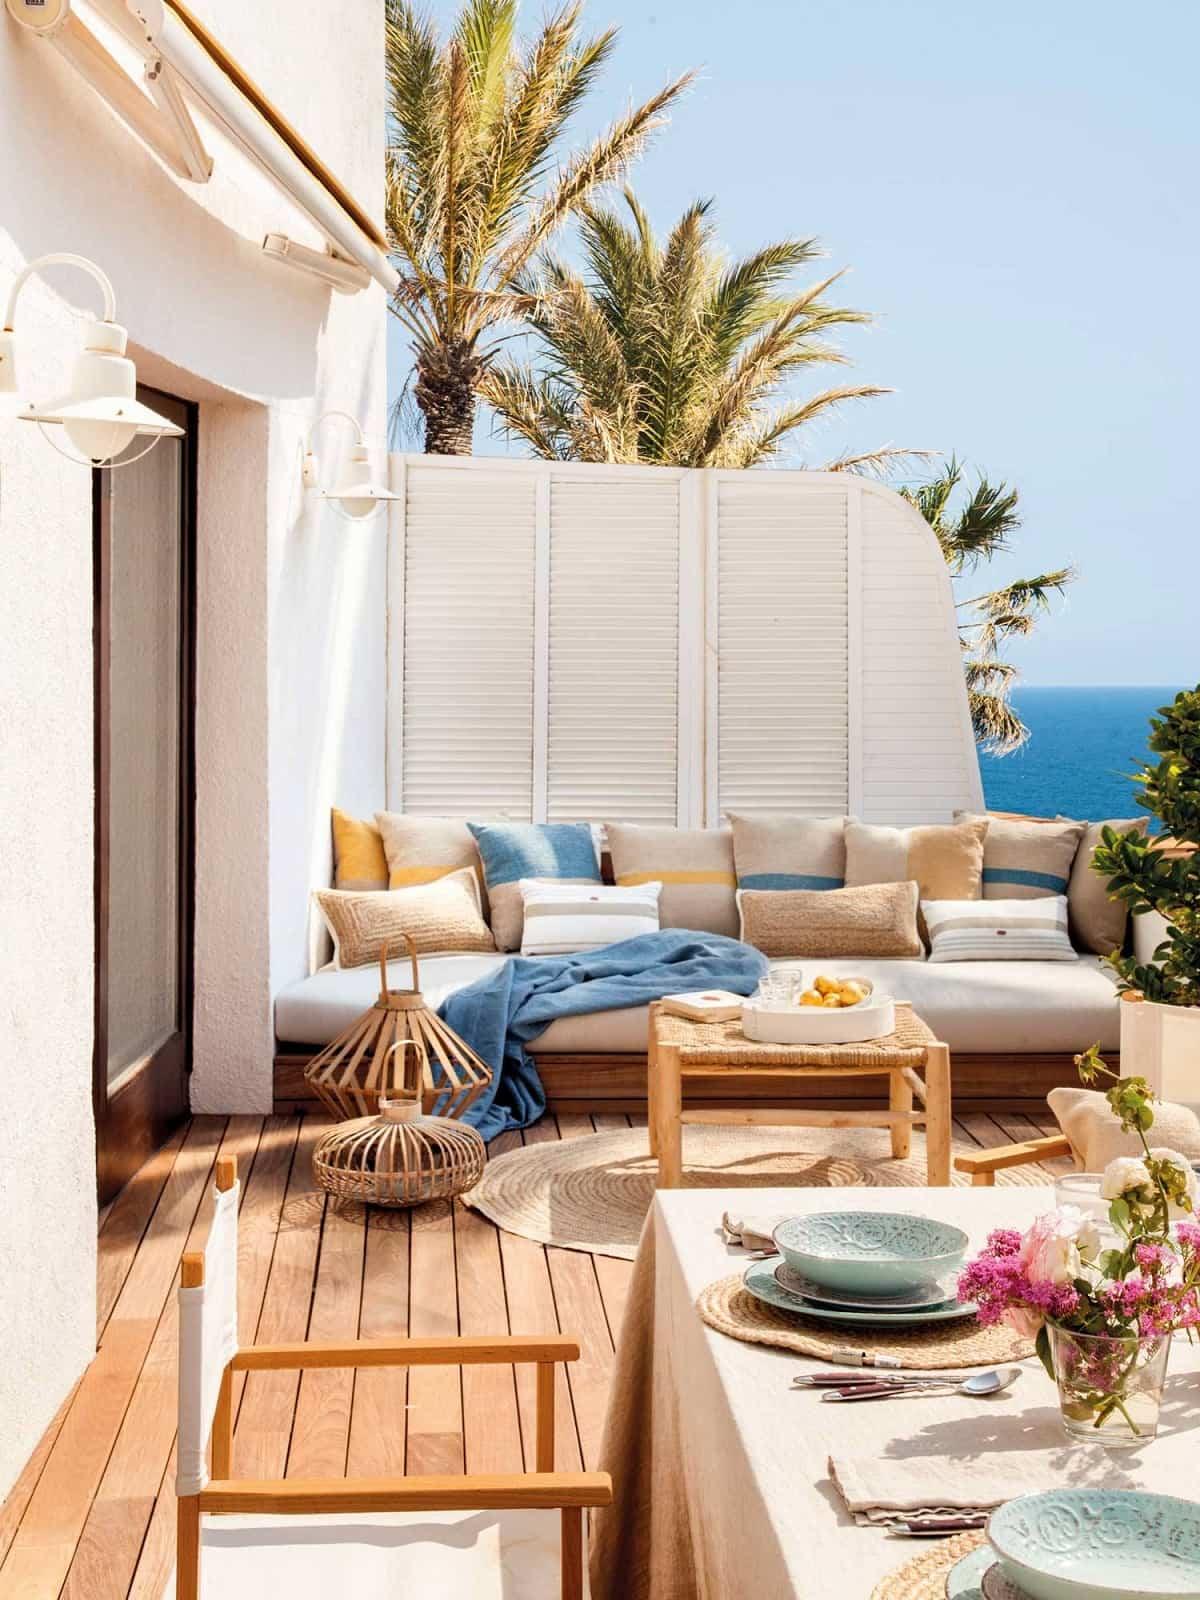 claves para elegir las mejores telas de exterior para la terraza 11